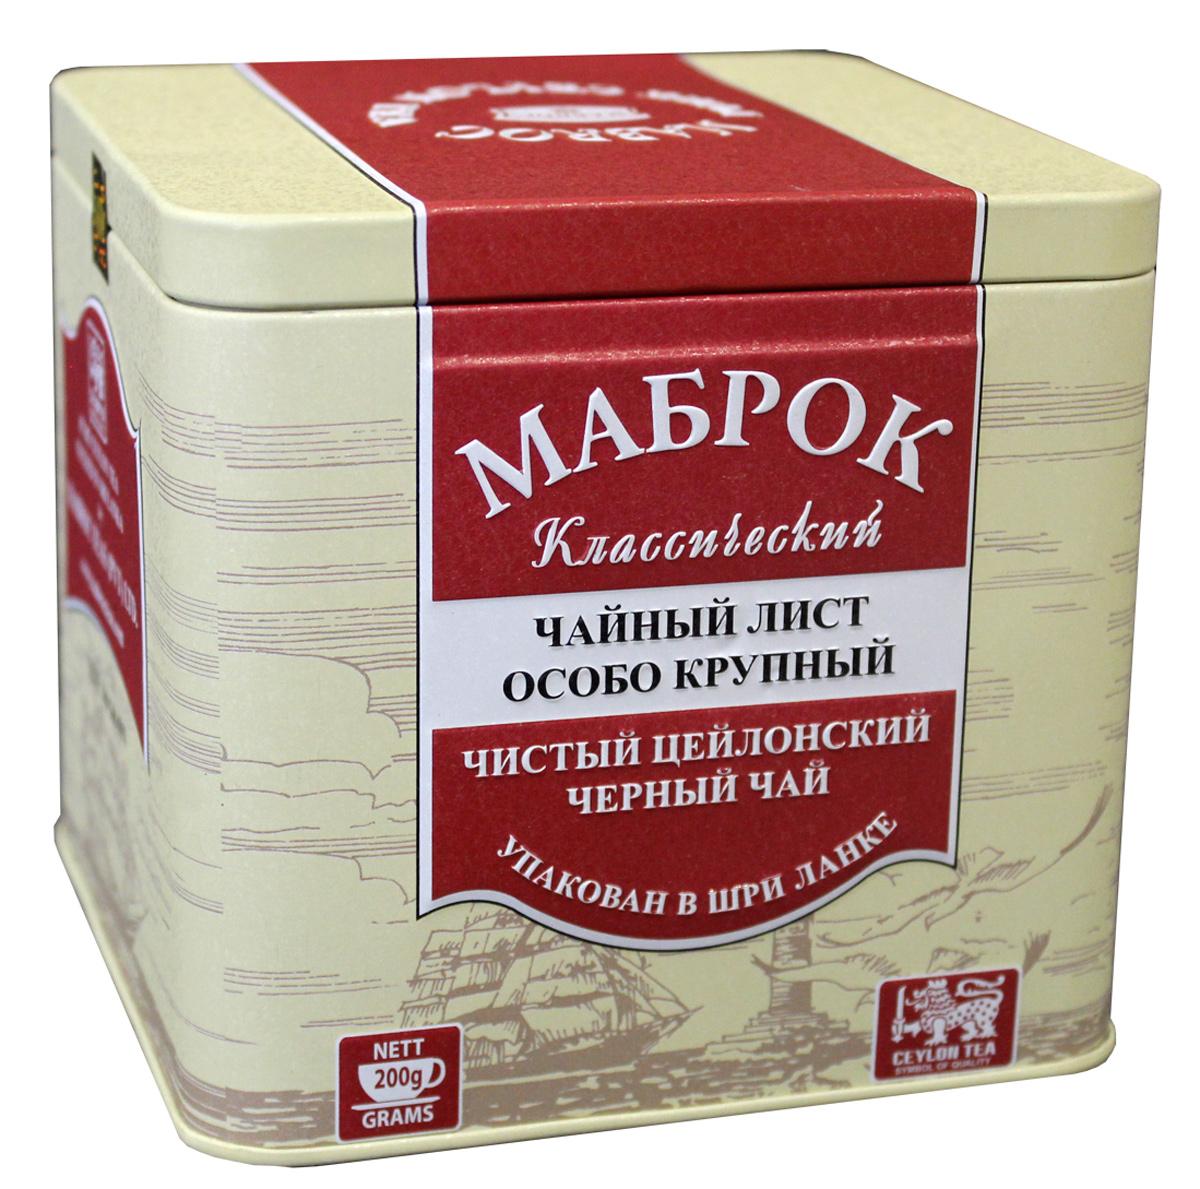 Mabroc Классический чай черный листовой, 200 г4791029010786Чай стандарта OP. Листья для этого чая собирают с кустов после того, как почки полностью раскрываются. Для этого сорта собирают первый и второй лист с ветки. В сухой заварке листья должны быть крупными (от 8 до 15 мм), однородными, хорошо скрученными. Этот сорт имеет достаточно высокое содержание ароматических масел, поэтому настой чая очень ароматен.Также этот чай характерен вкусом с горчинкой благодаря большому содержанию дубильных веществ. Кофеина в этом чае немного меньше, так как в нем используют более взрослые листы.